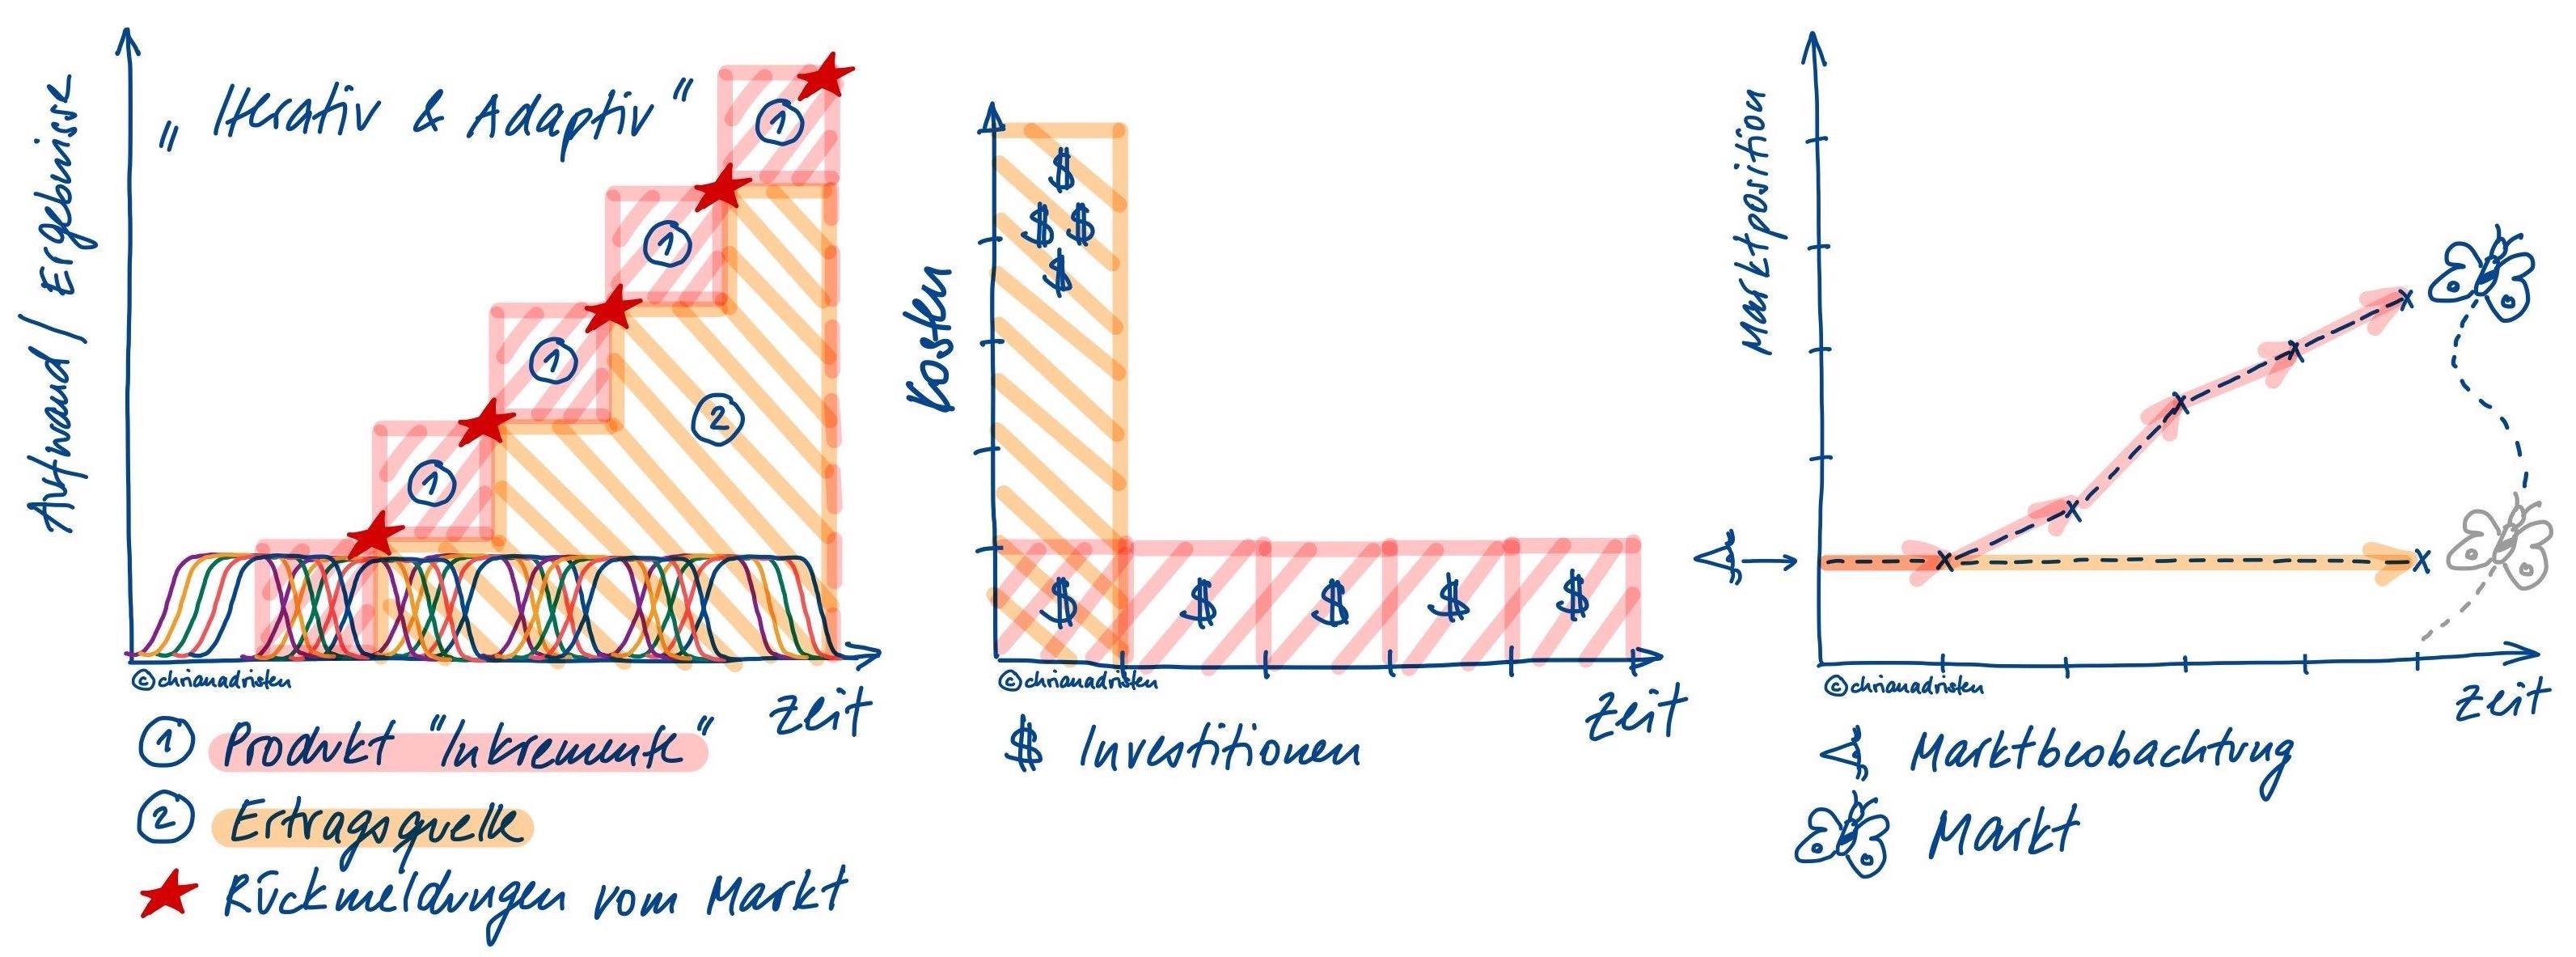 dotag_inhalt_risikominimierung_durch_agiles_vorgehen